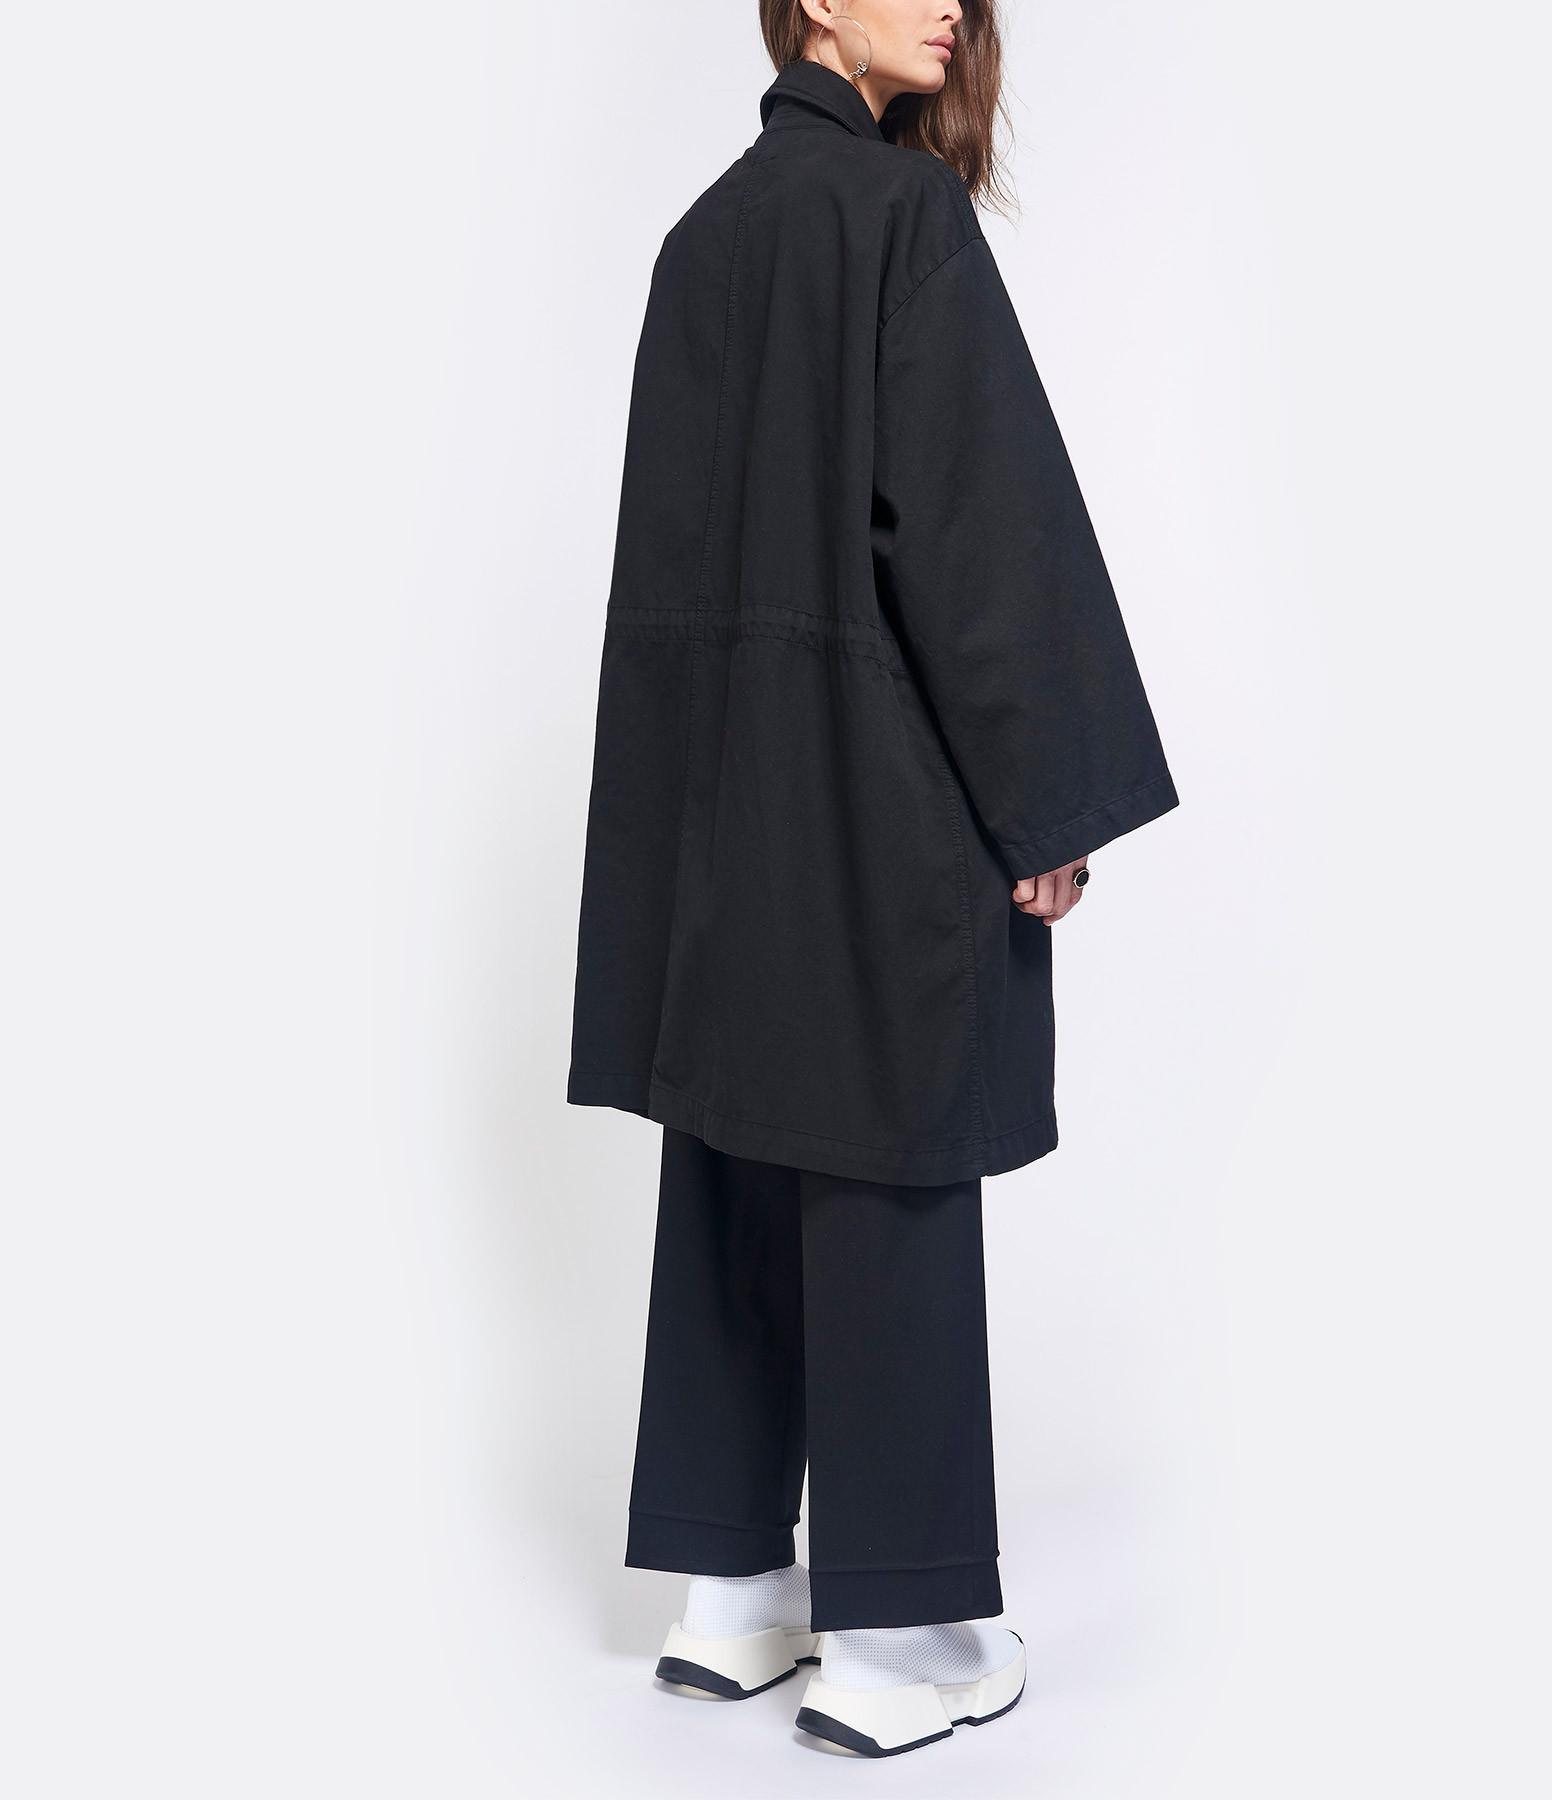 MM6 MAISON MARGIELA - Veste Loose Noir